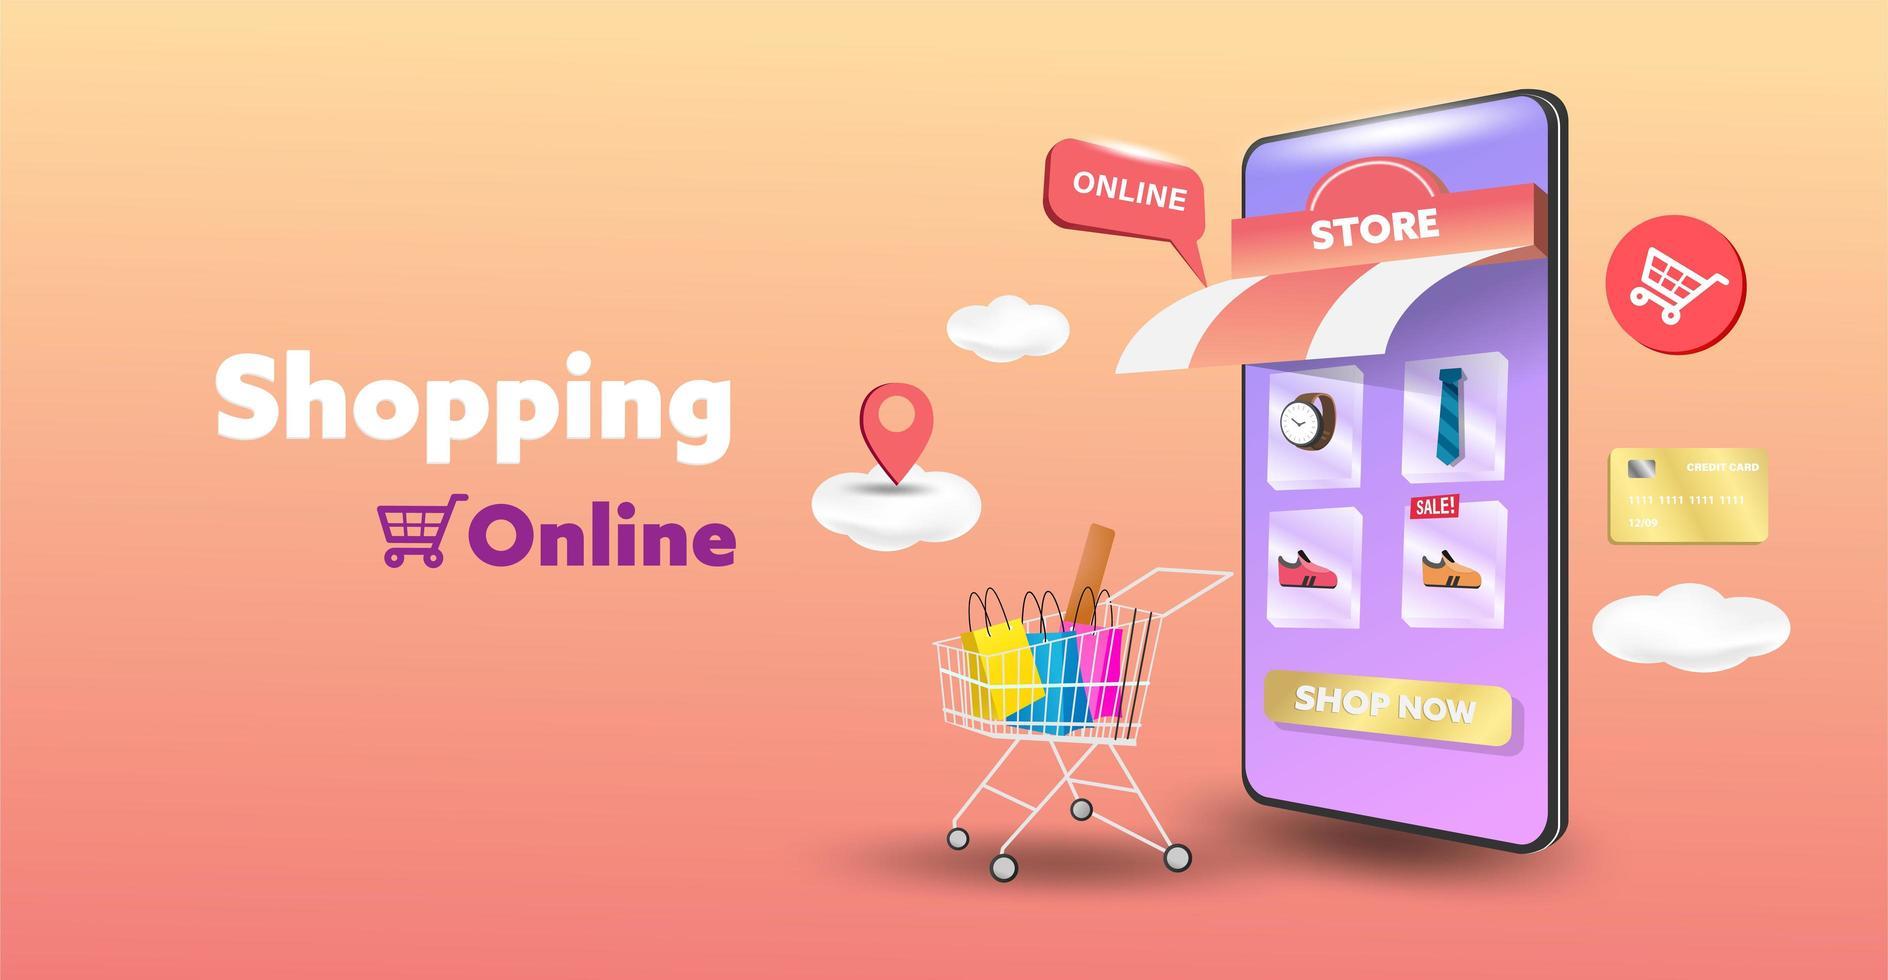 tienda de compras en línea en el diseño de sitios web y teléfonos móviles. concepto de marketing empresarial inteligente. vista horizontal. ilustración vectorial. vector